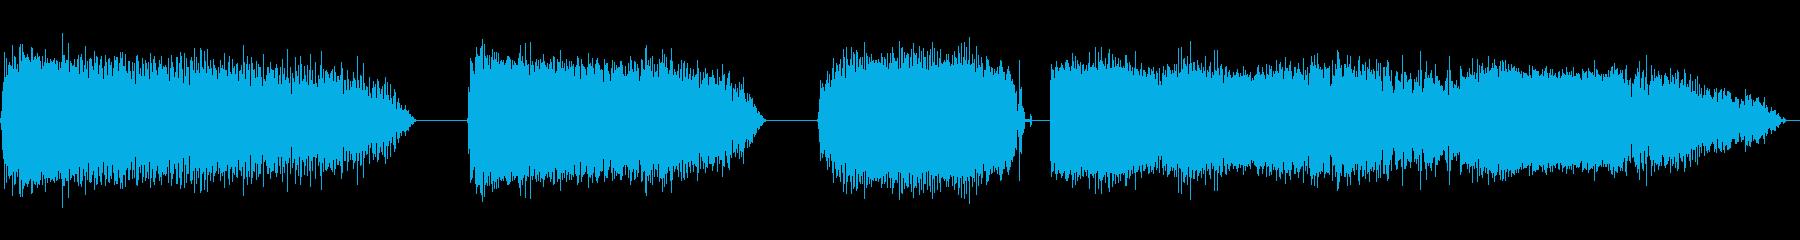 ゾンビの声の再生済みの波形